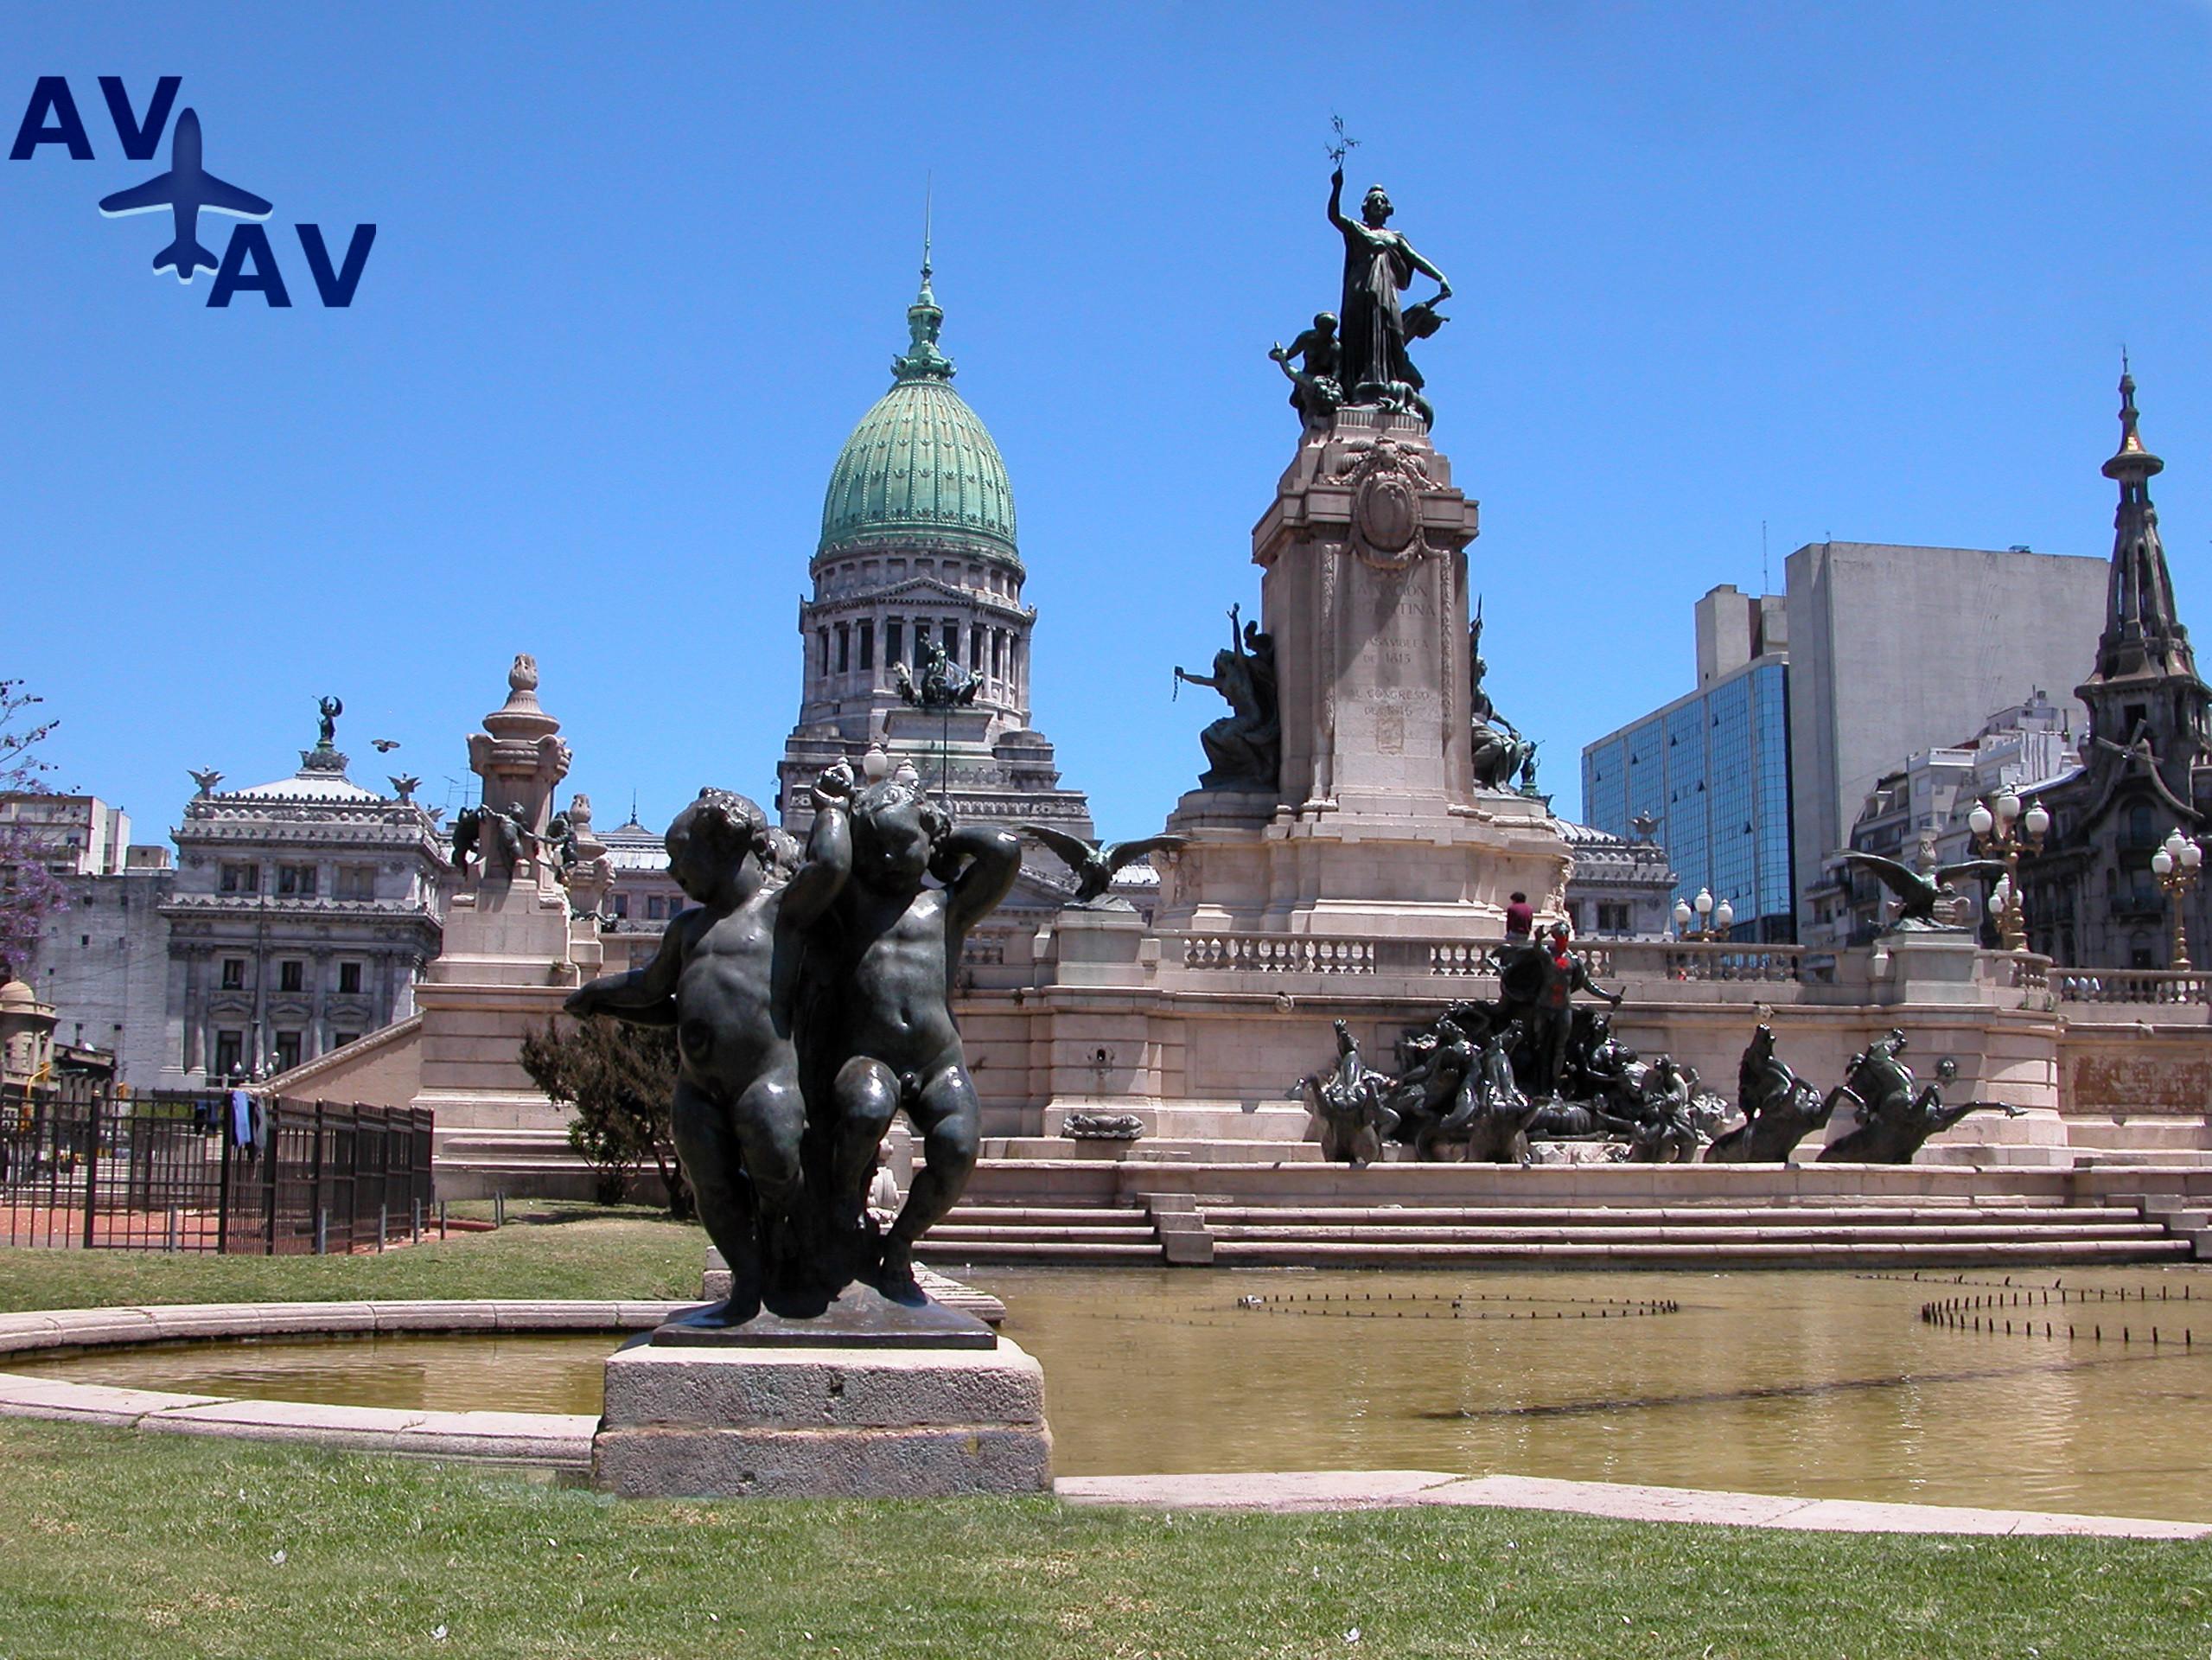 Dostoprimechatelnosti Bue`nos Ayresa - Достопримечательности Буэнос-Айреса